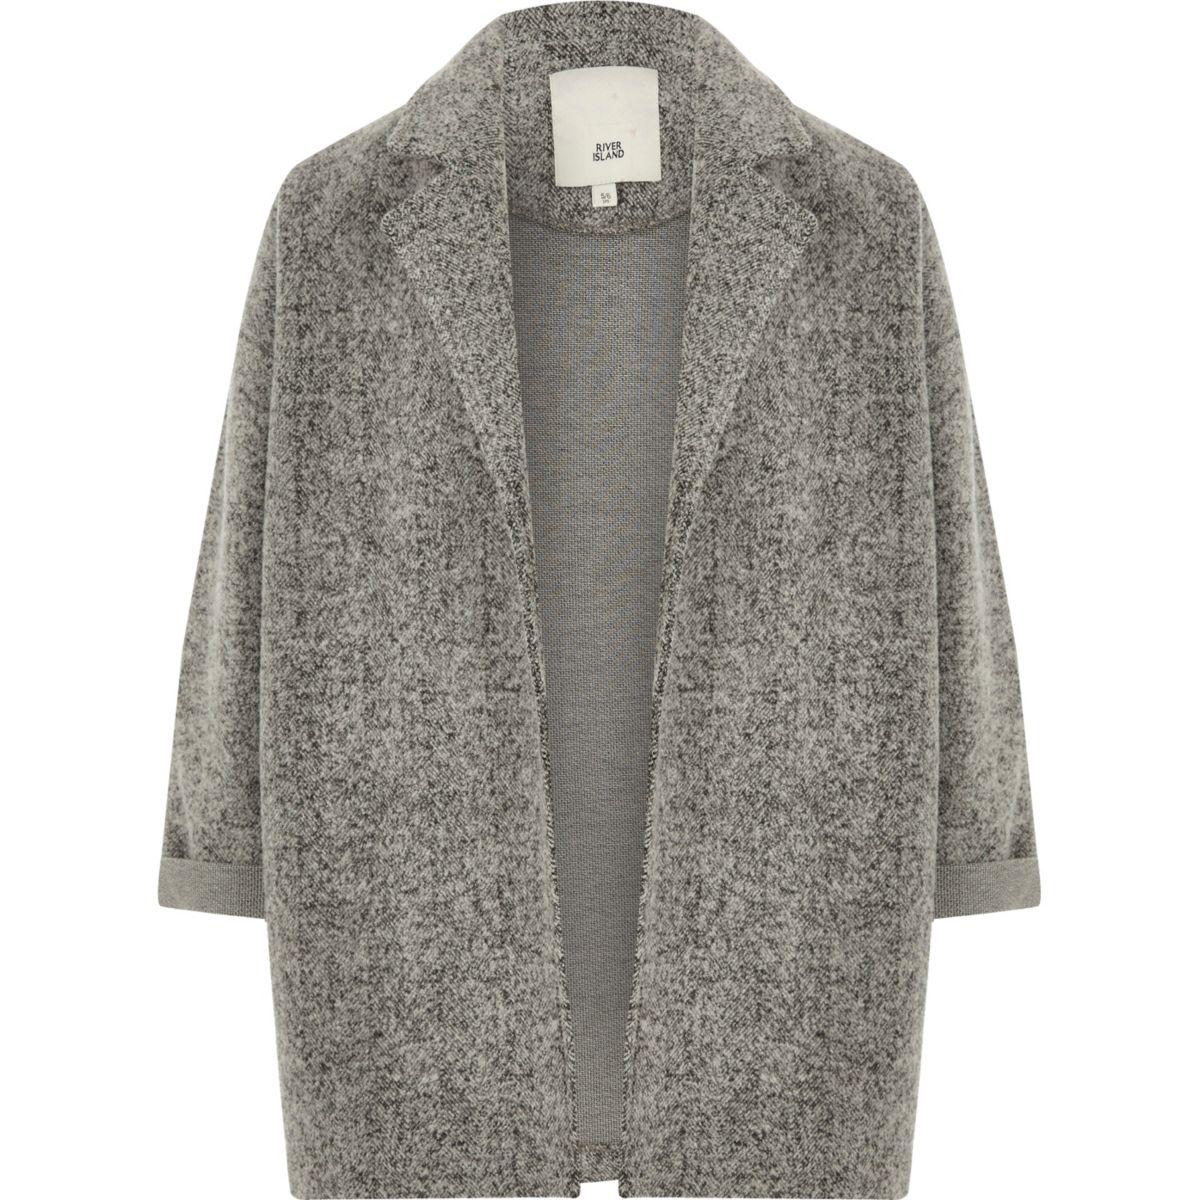 Girls grey textured jersey blazer